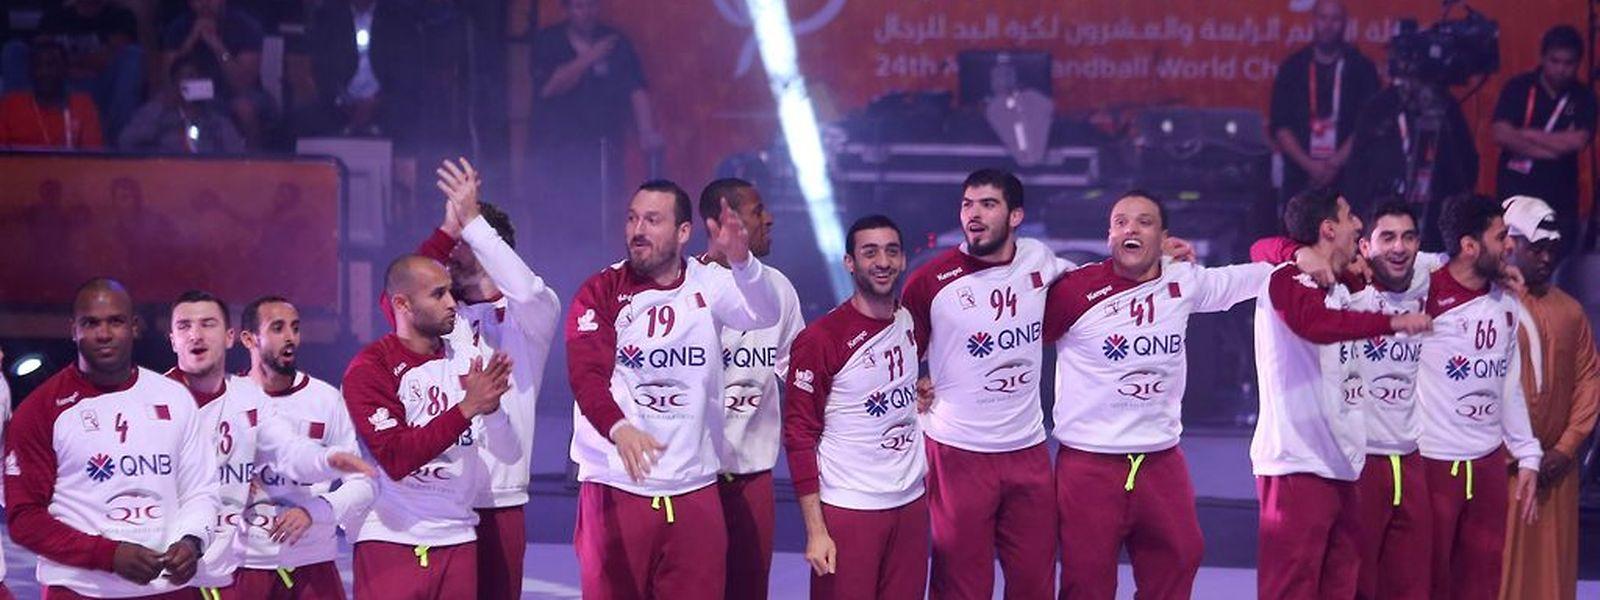 Uma grande parte dos jogadores da selecção de andebol do Qatar são estrangeiros